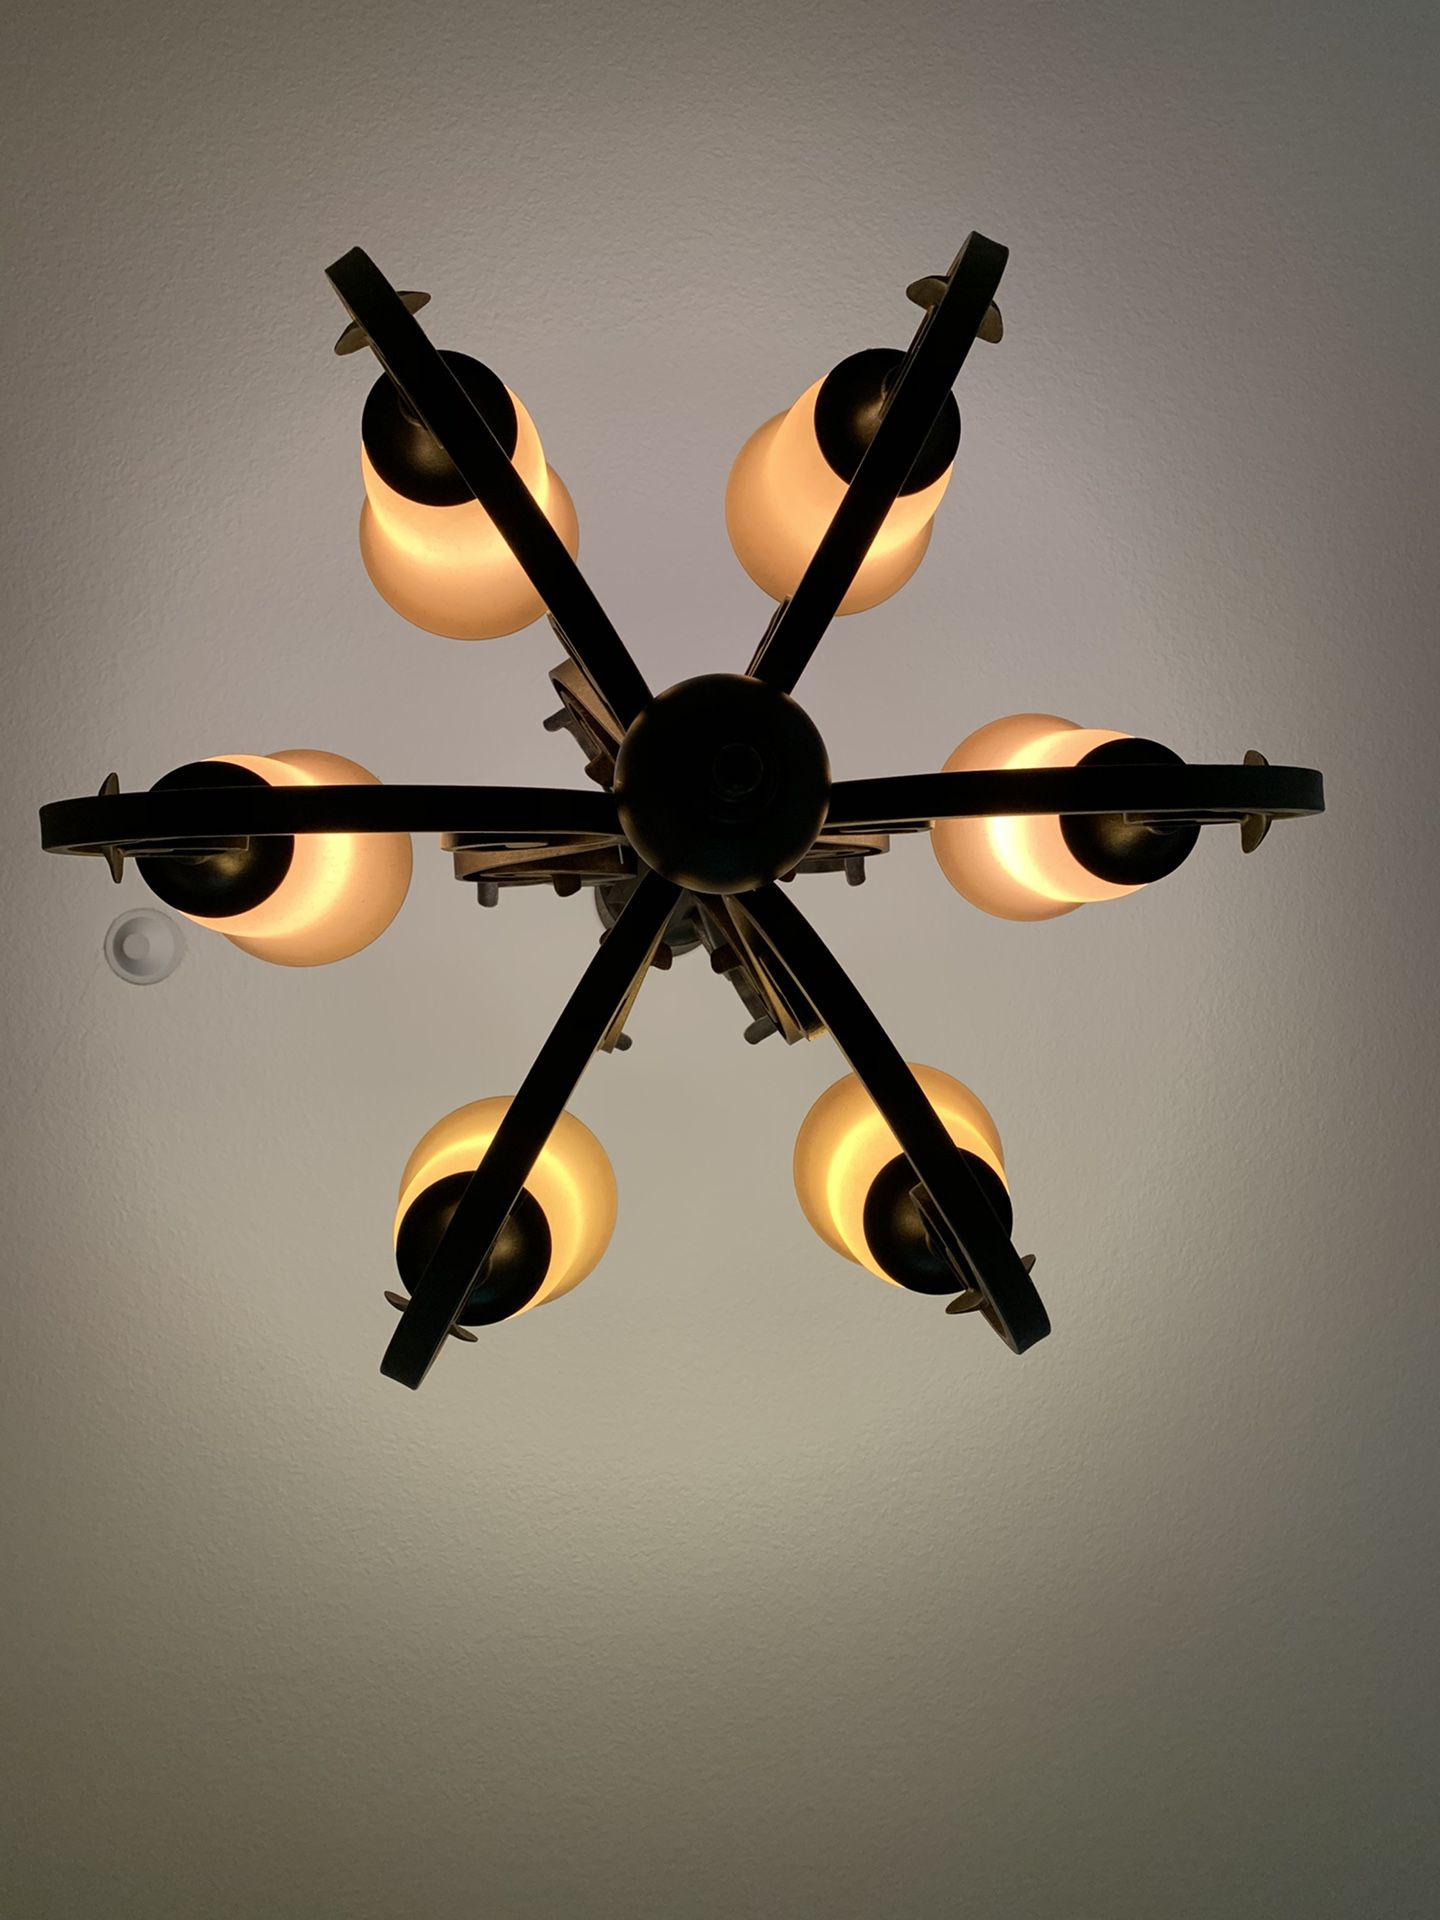 Hanging Chandelier Light Fixture